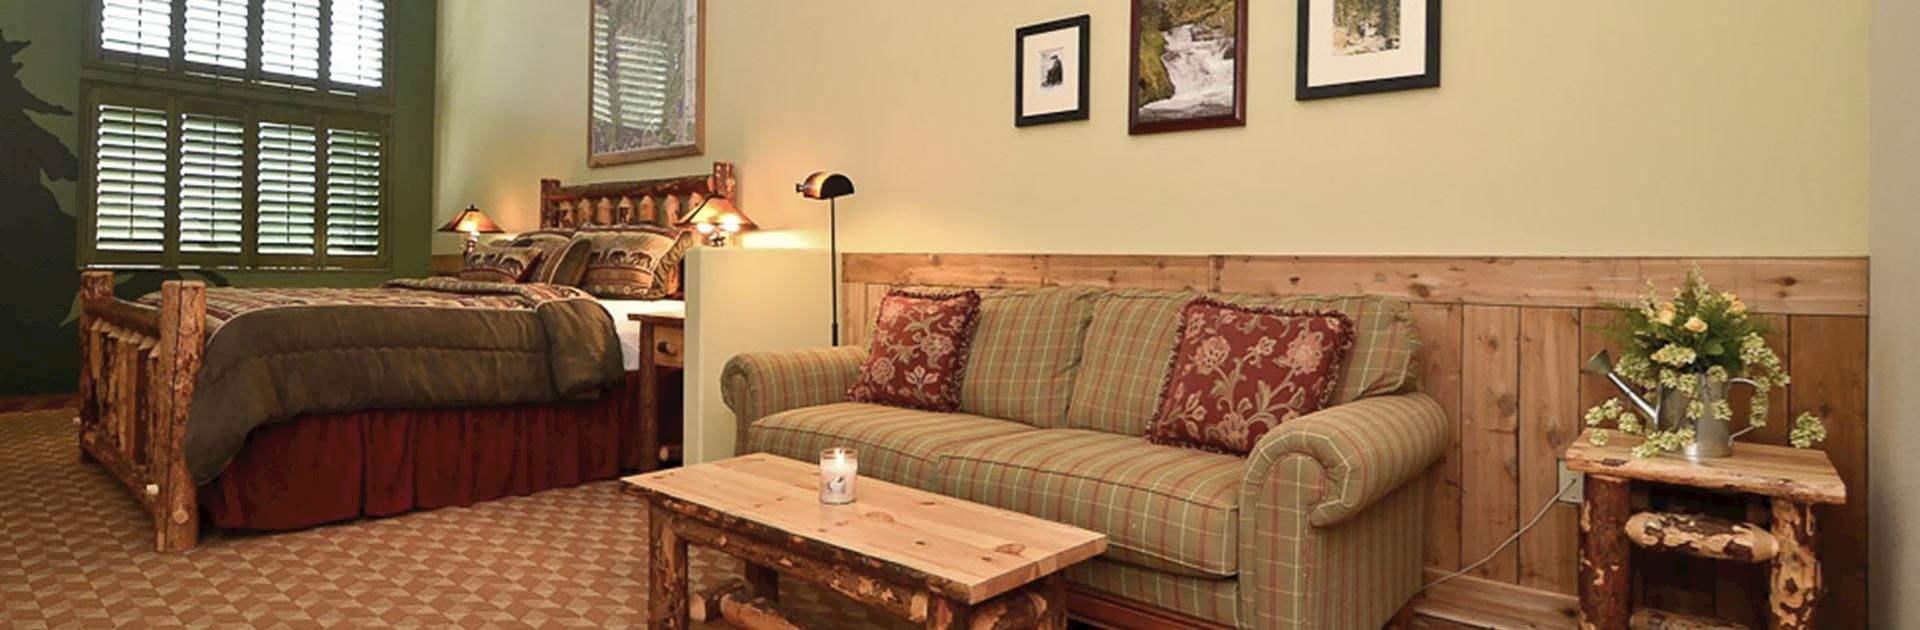 BEST WESTERN PLUS Battle Ground Inn & Suites, Washington